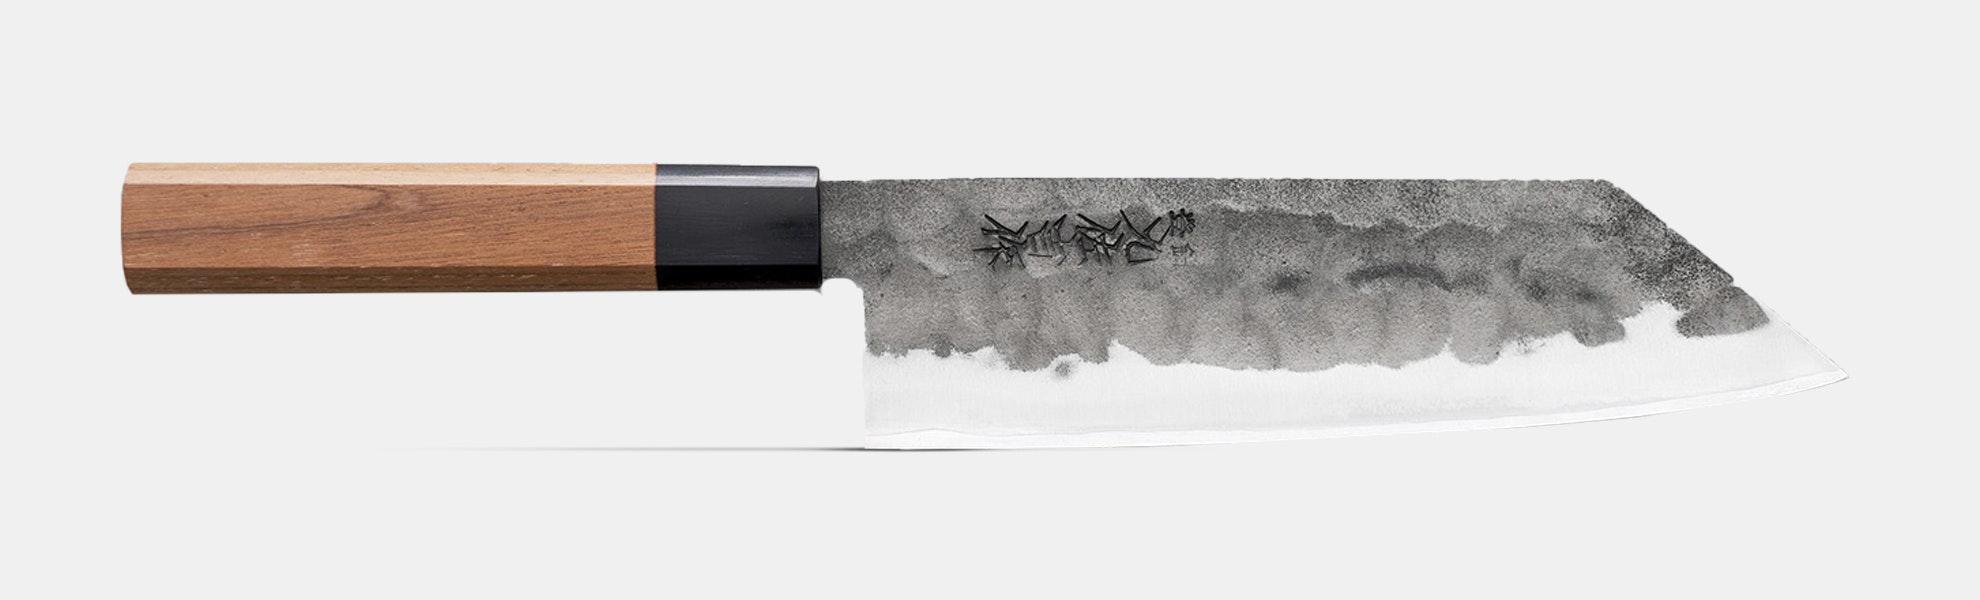 SharpEdge ZDP-189 Bunka Kitchen Knife